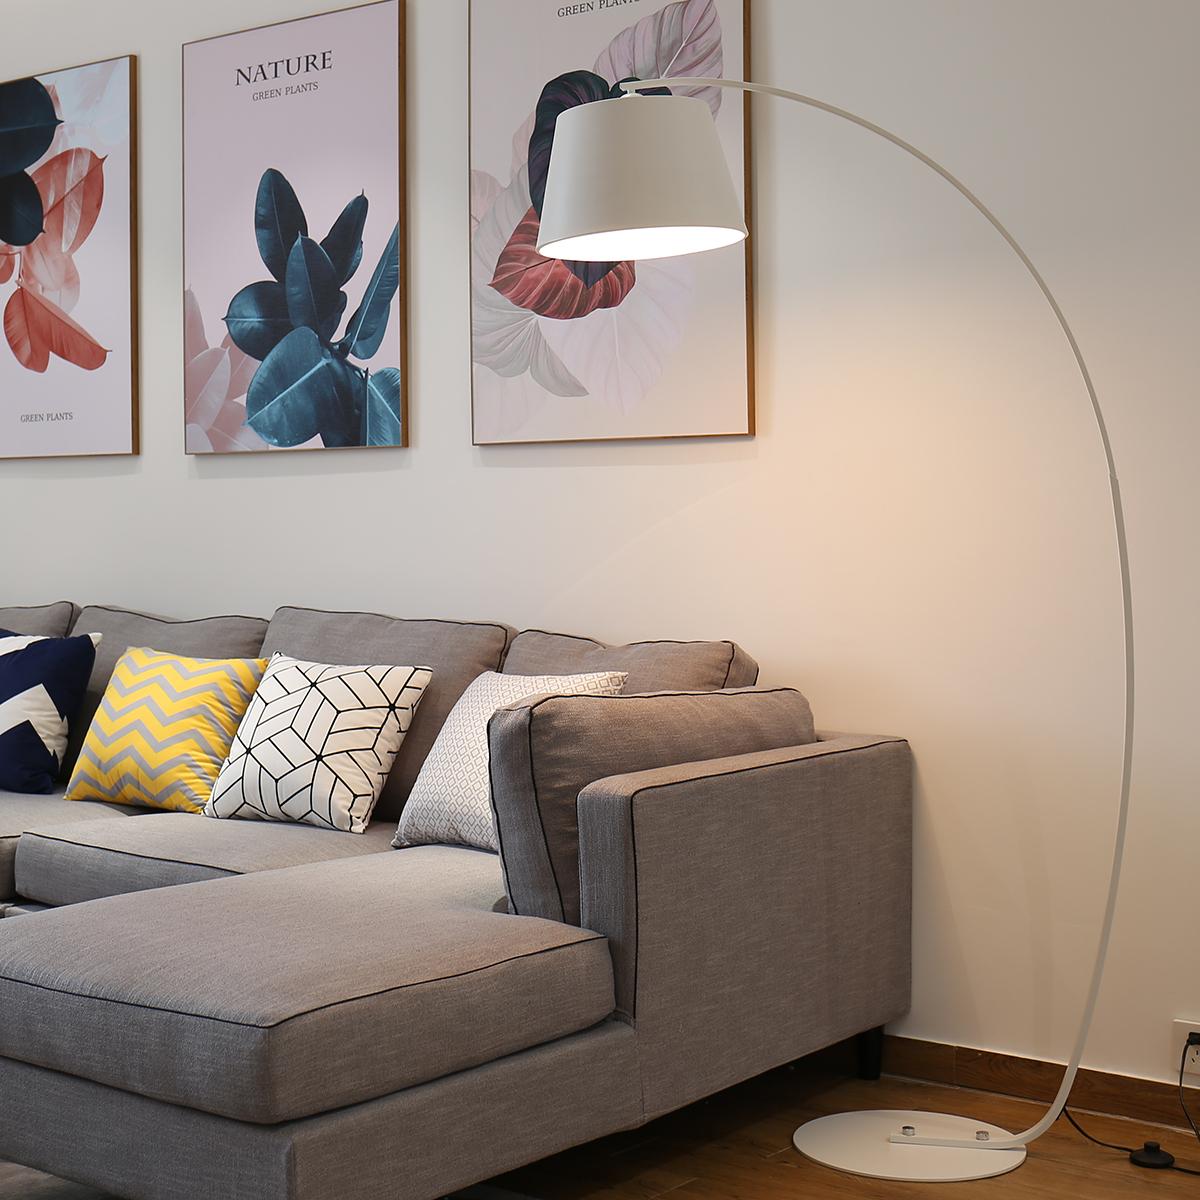 落地灯钓鱼灯客厅卧室书房创意简约现代北欧沙发床头立式遥控台灯